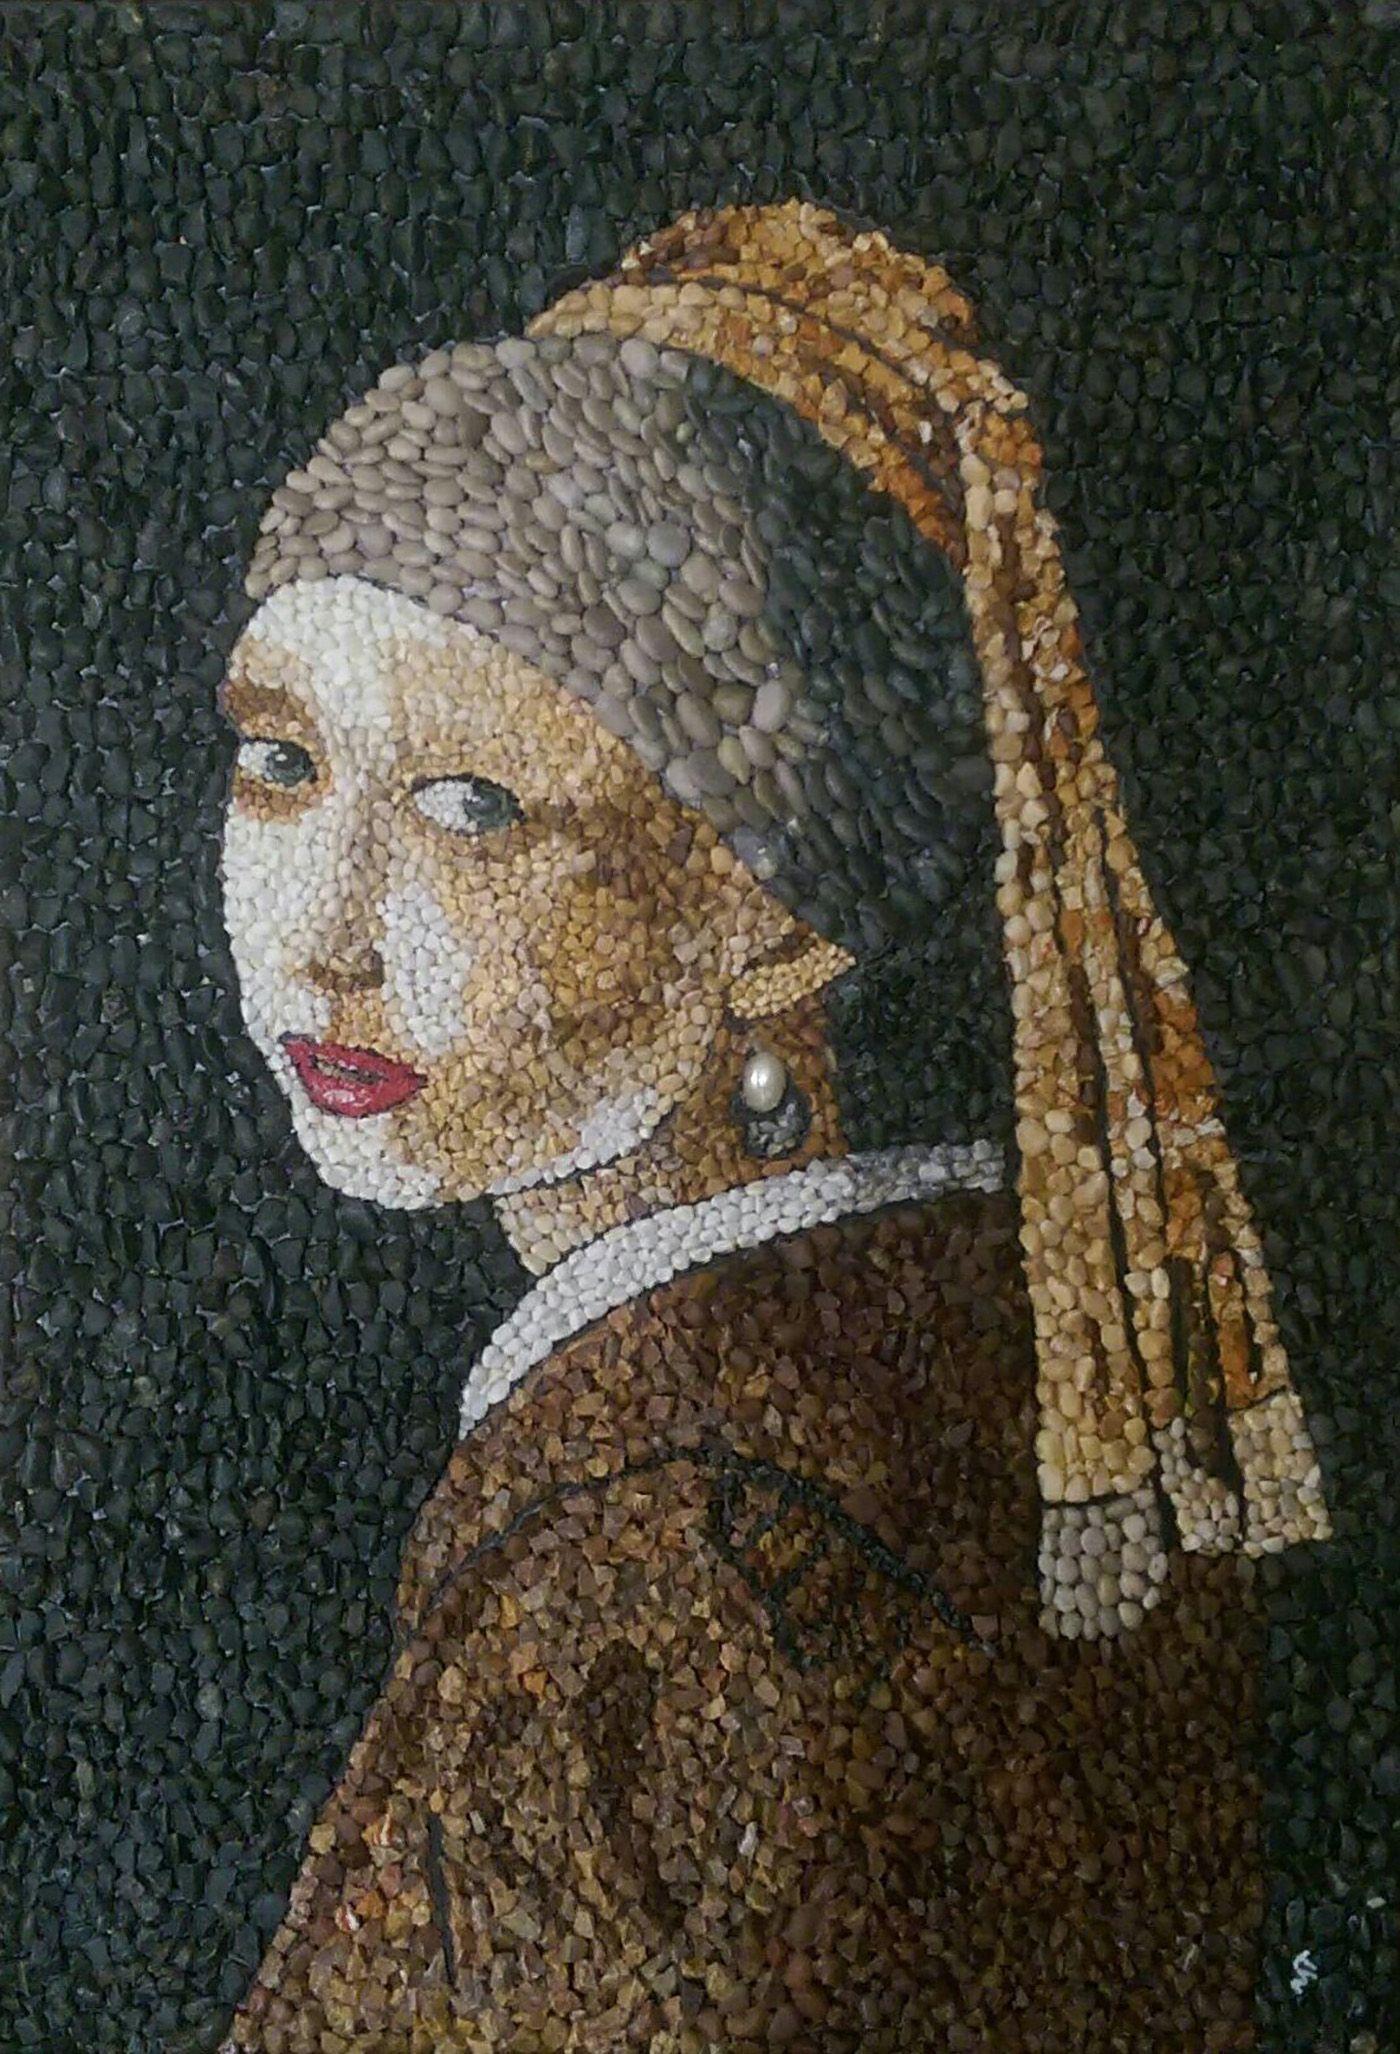 Inci Kupeli Kiz Girl With The Pearl Earring By Munteha Tuga